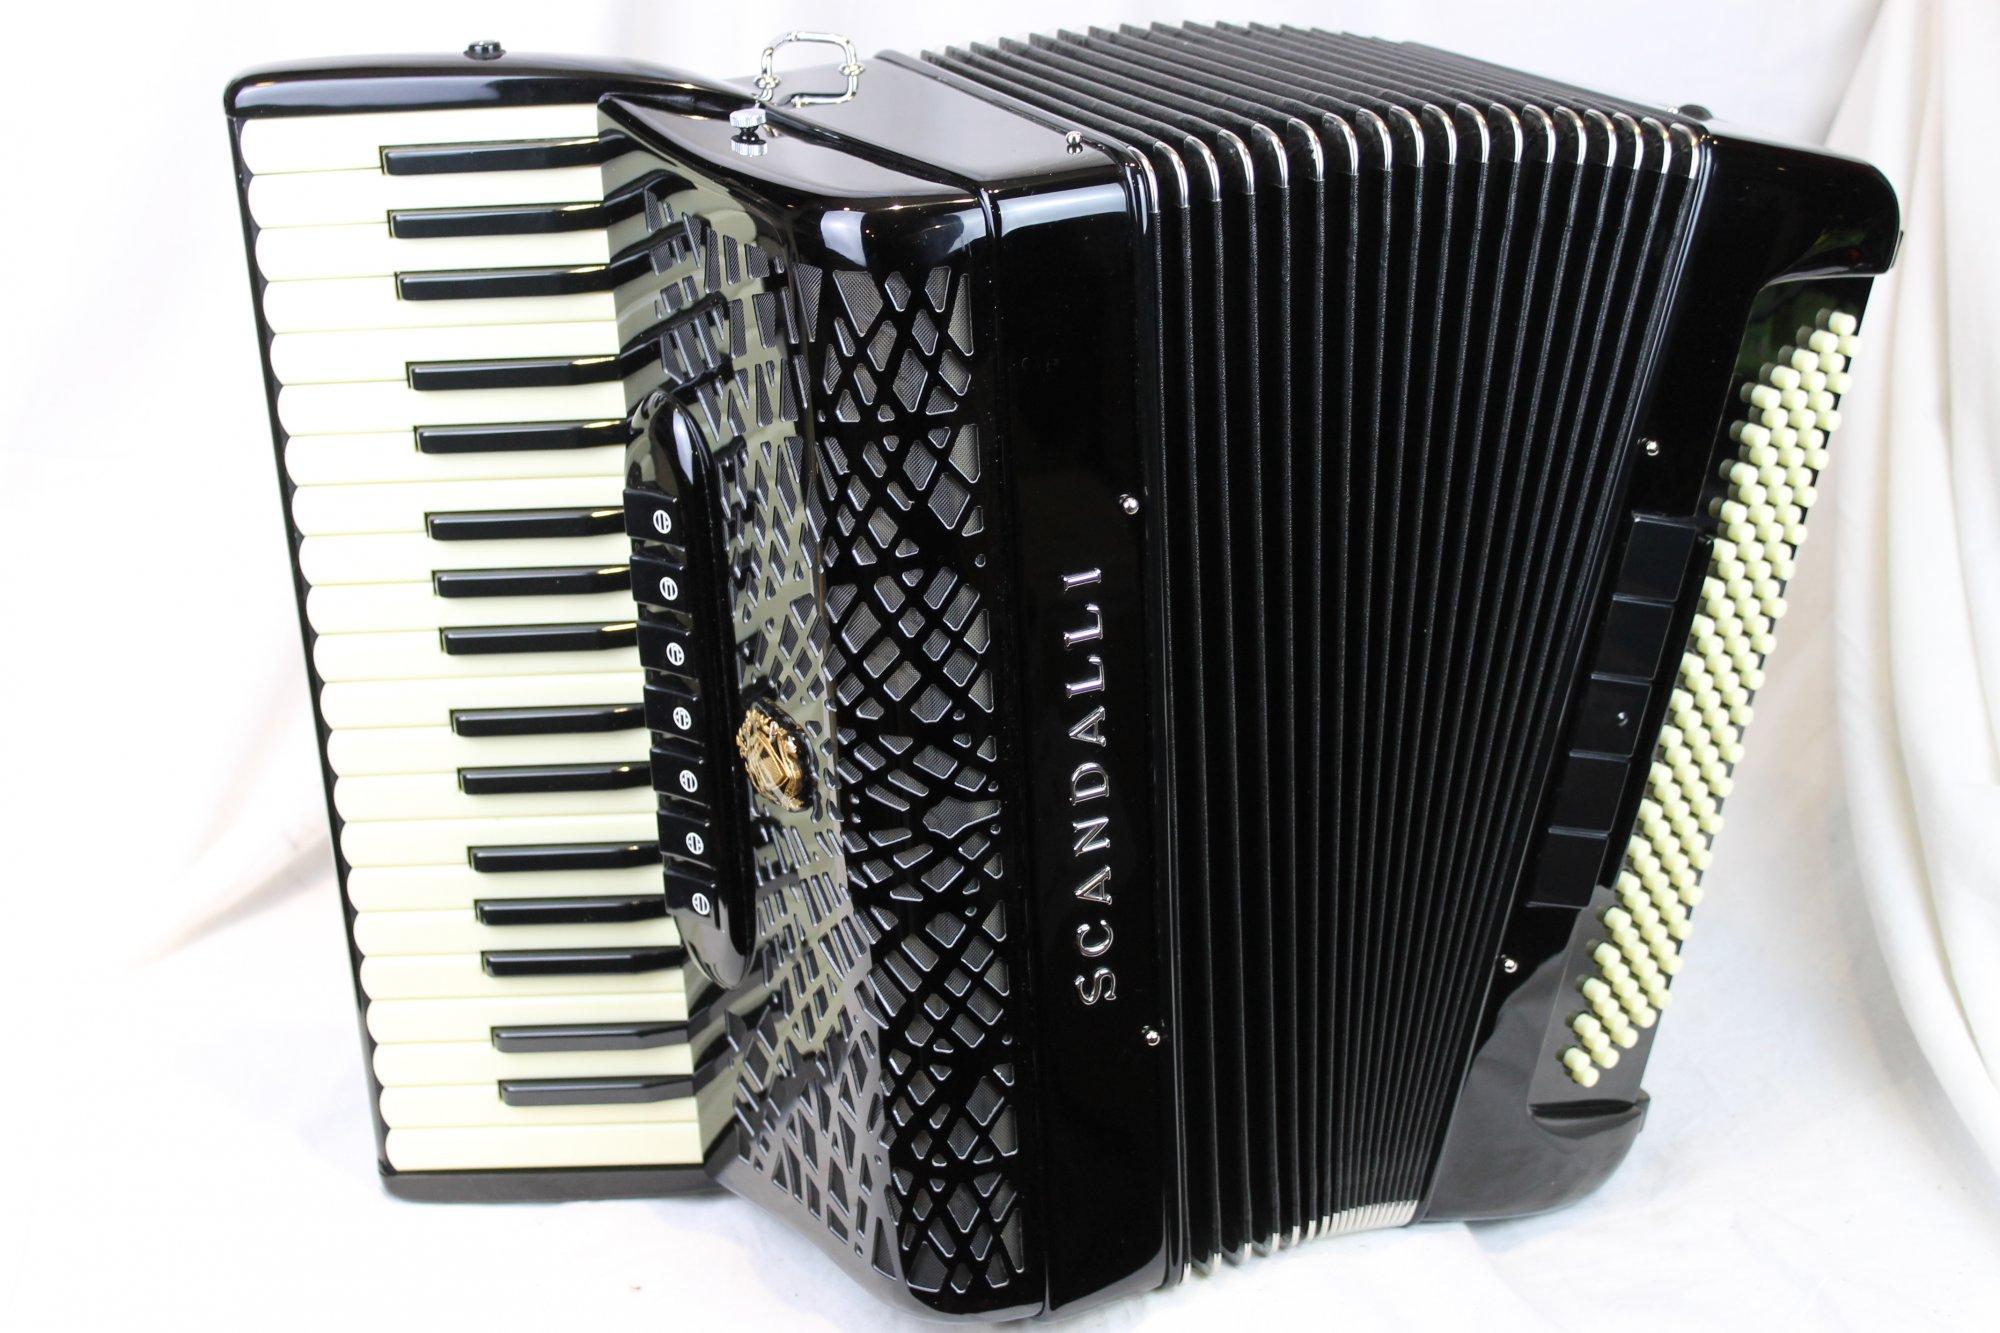 NEW Black Scandalli Conservatorio P 342 Piano Accordion Converter B LMH 37 118